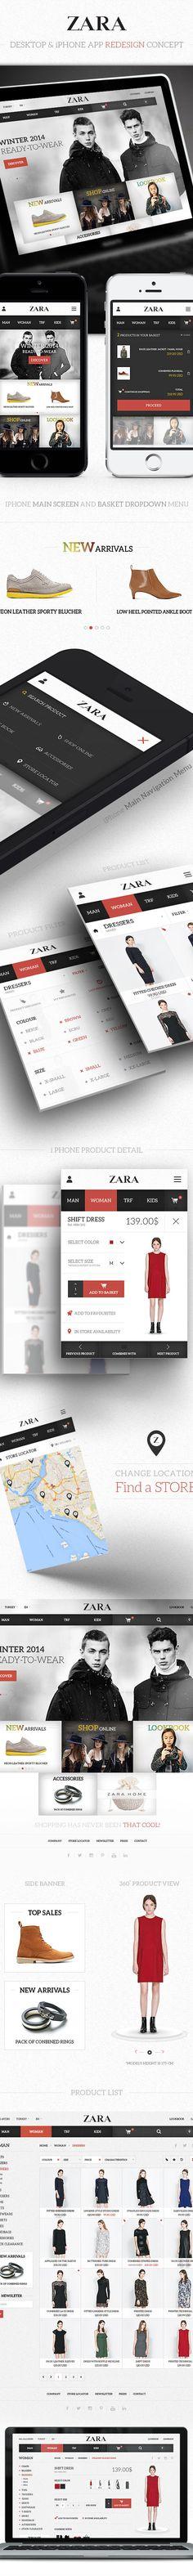 Zara / Desktop & iPhone App Redesign